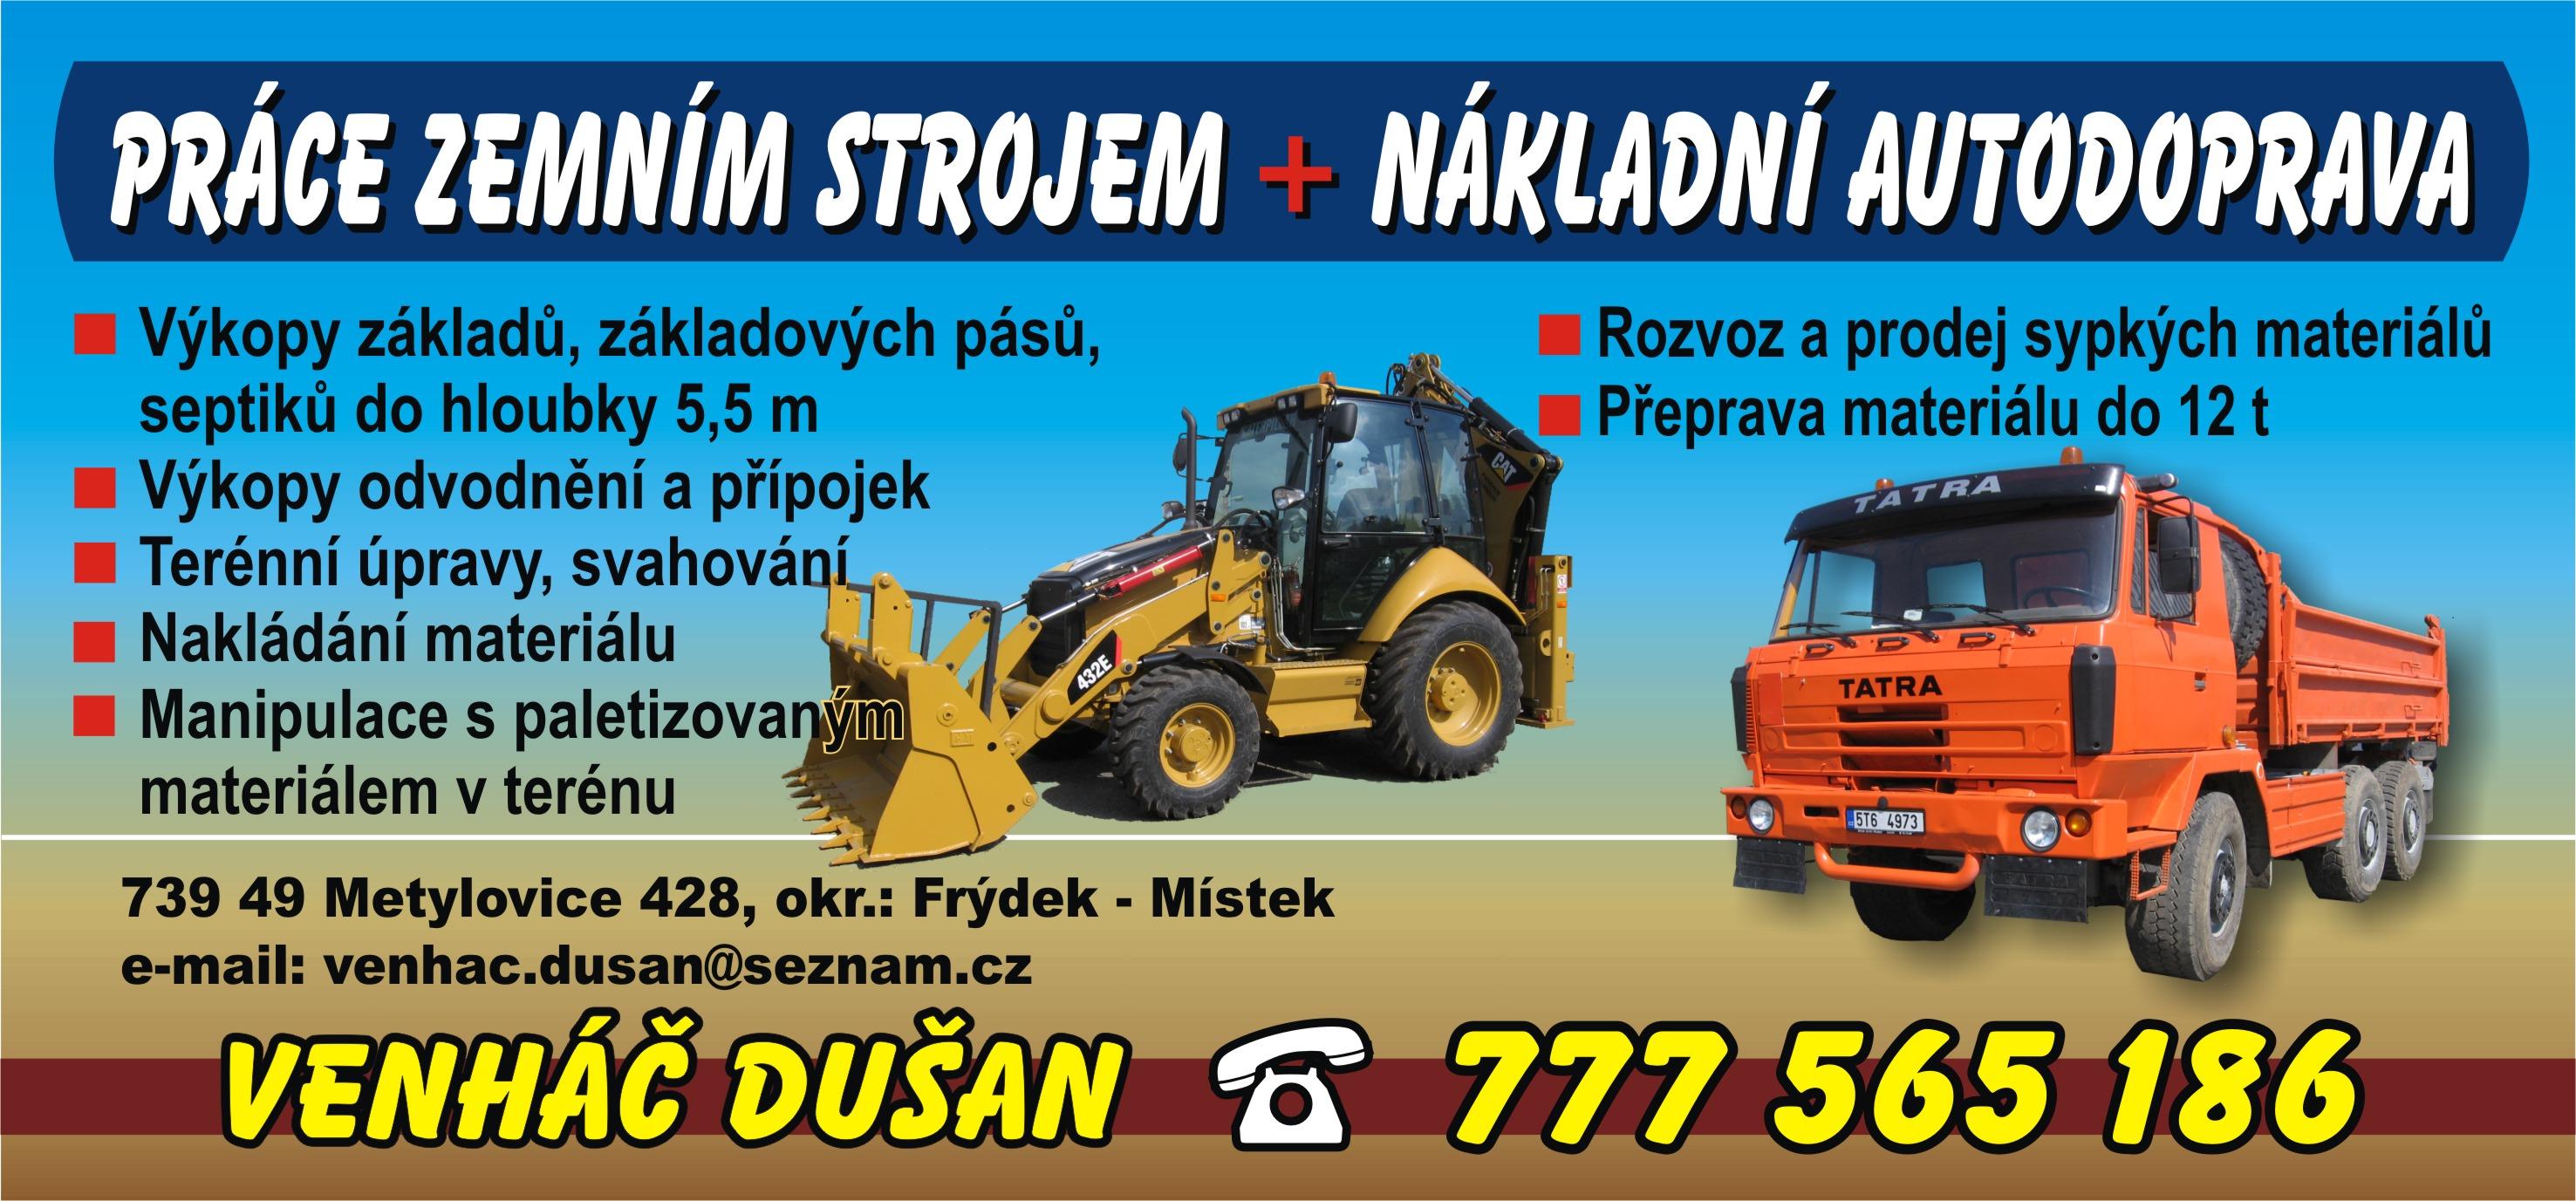 Dušan Venháč